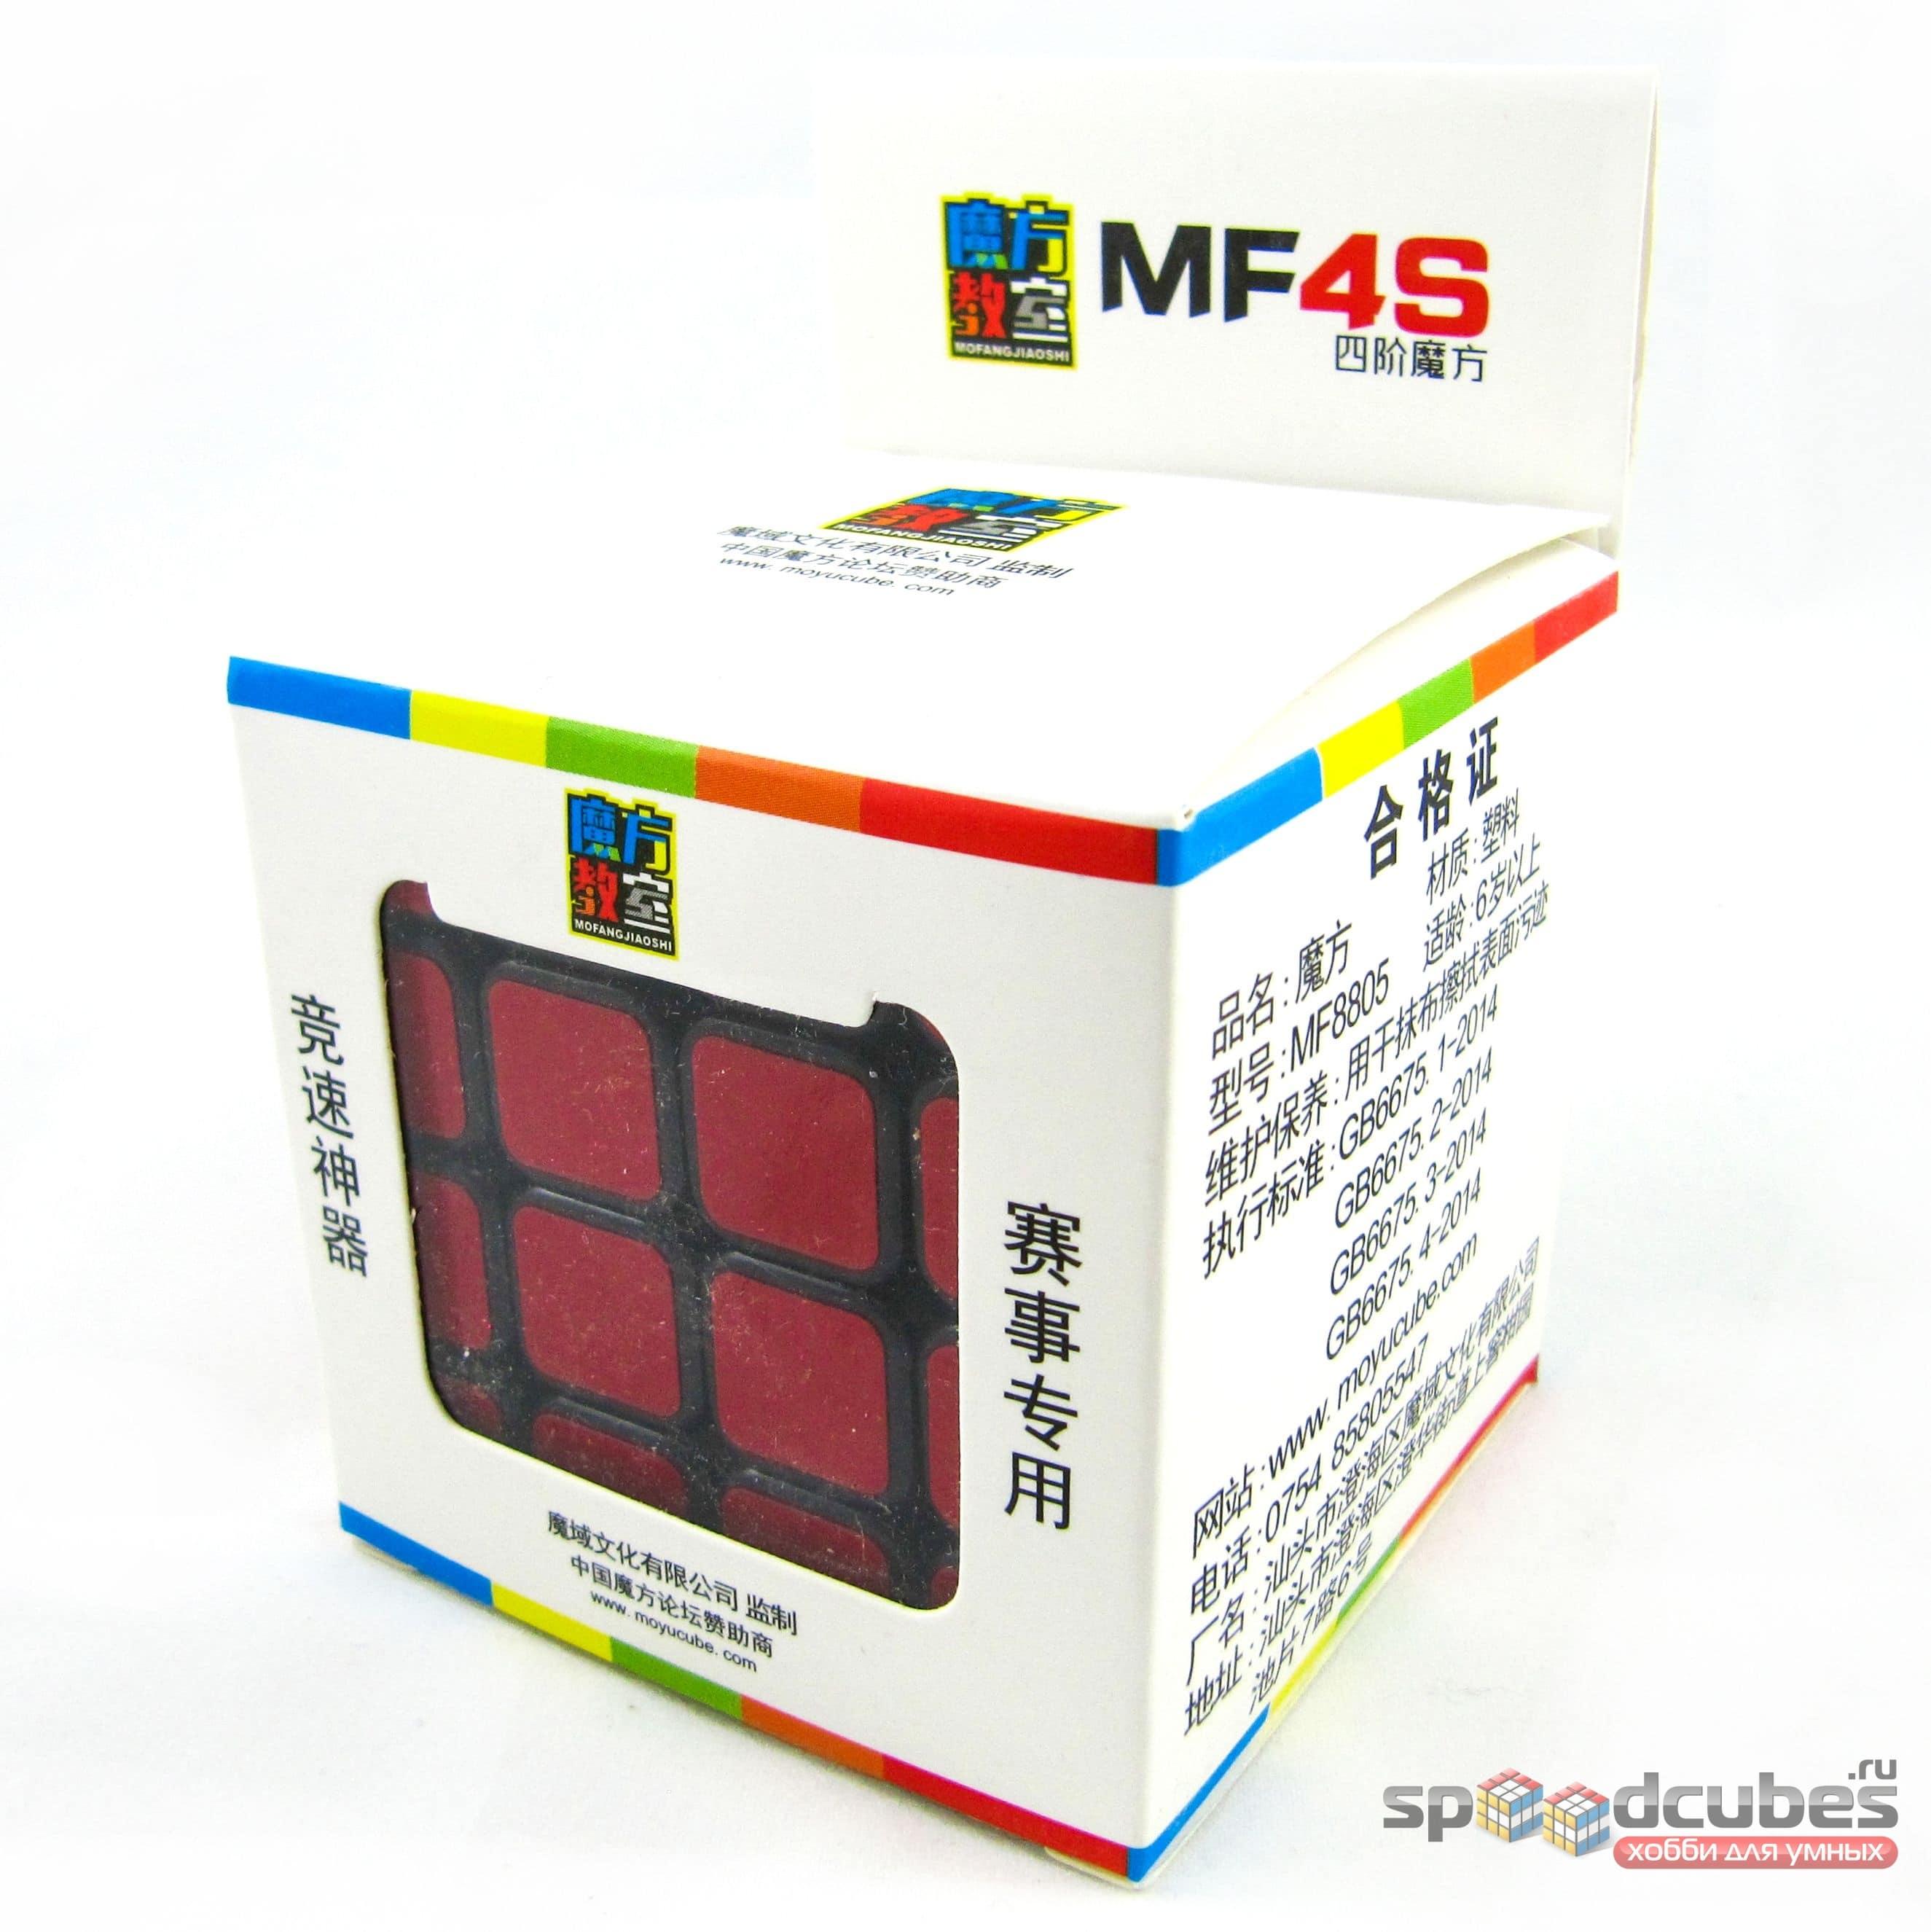 Moyu 4×4 Mofangjiaoshi Mf4s 2